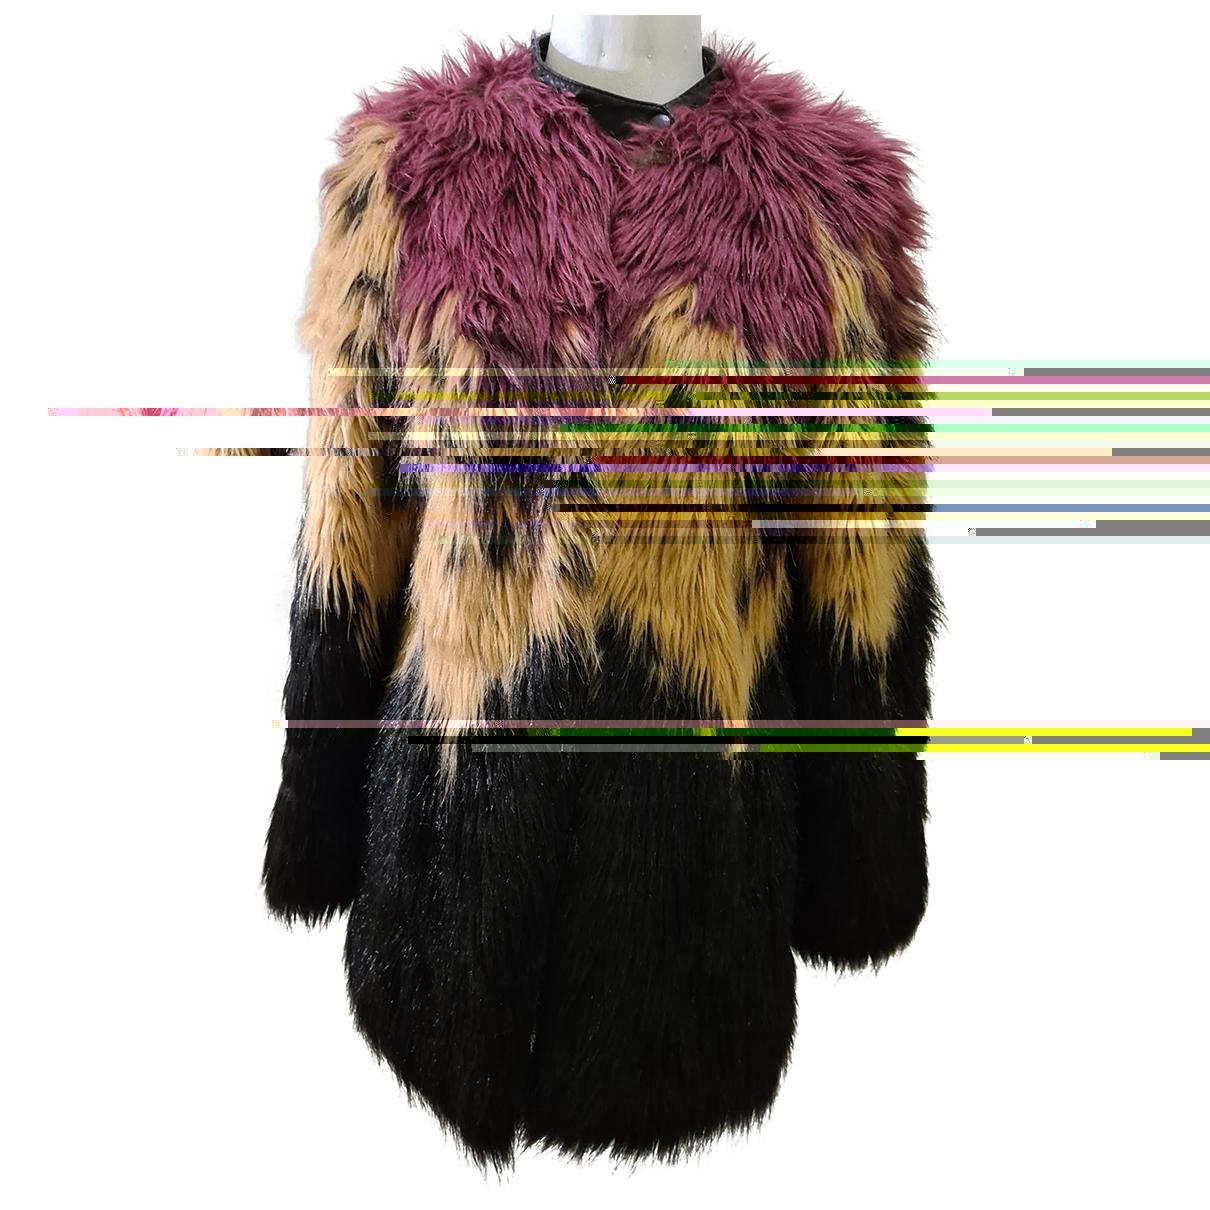 Diesel - Veste   pour femme en fourrure synthetique - multicolore